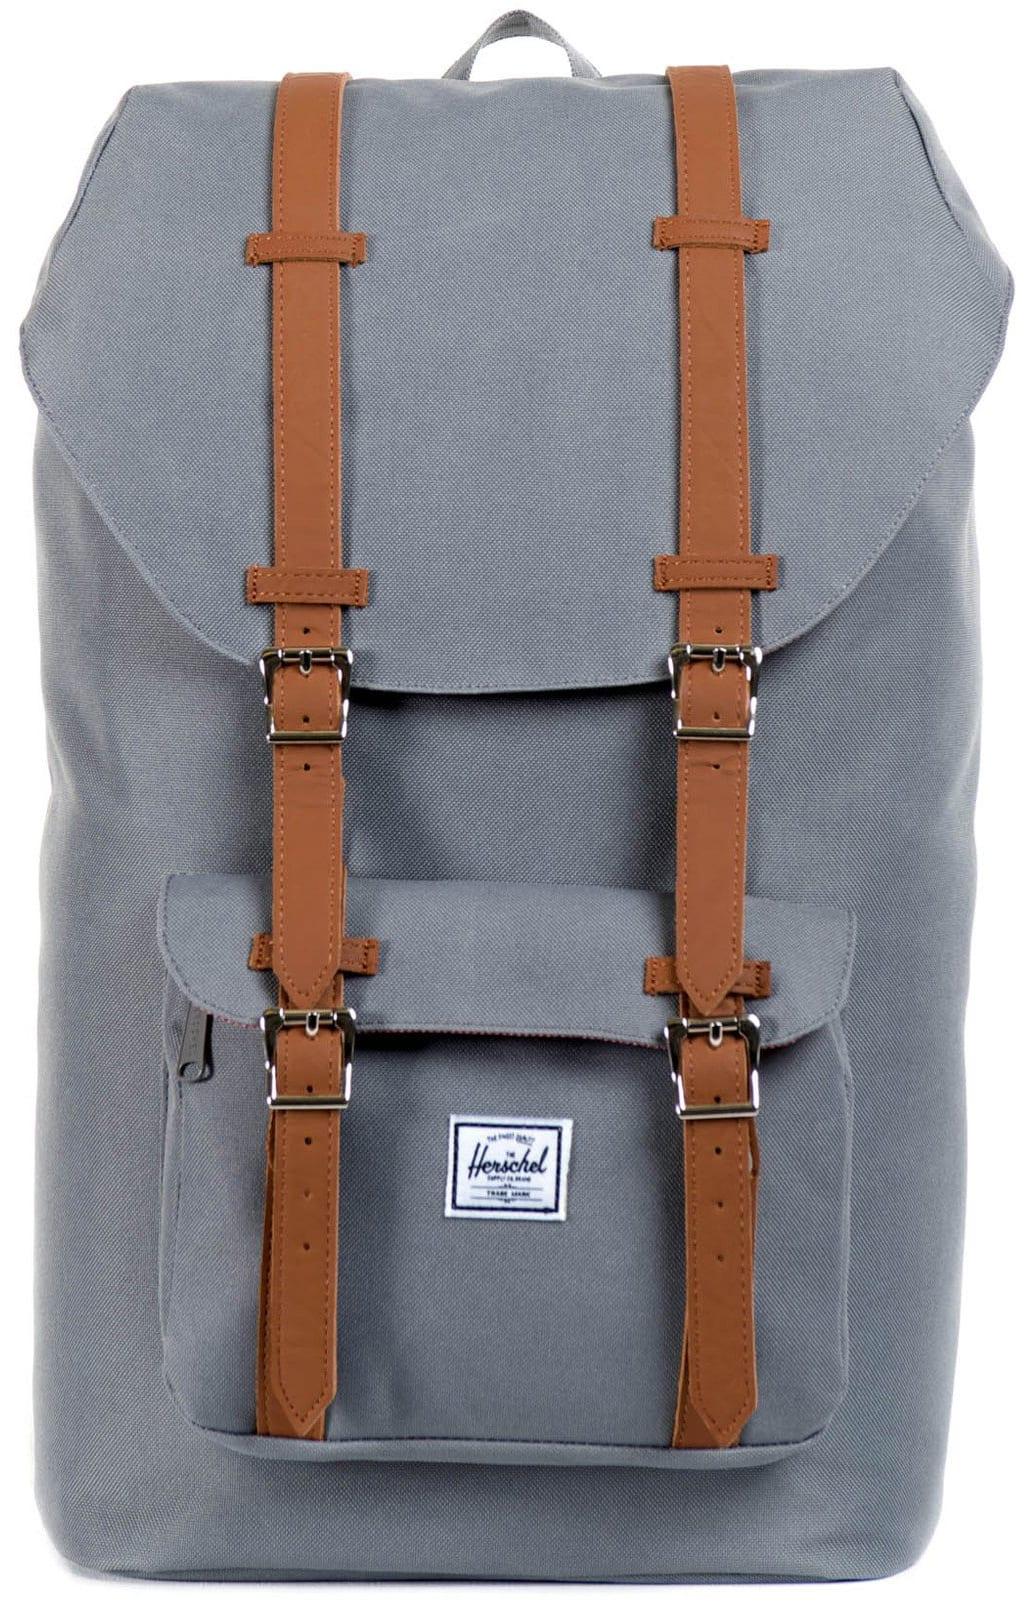 on sale herschel little america backpack up to 40 off. Black Bedroom Furniture Sets. Home Design Ideas